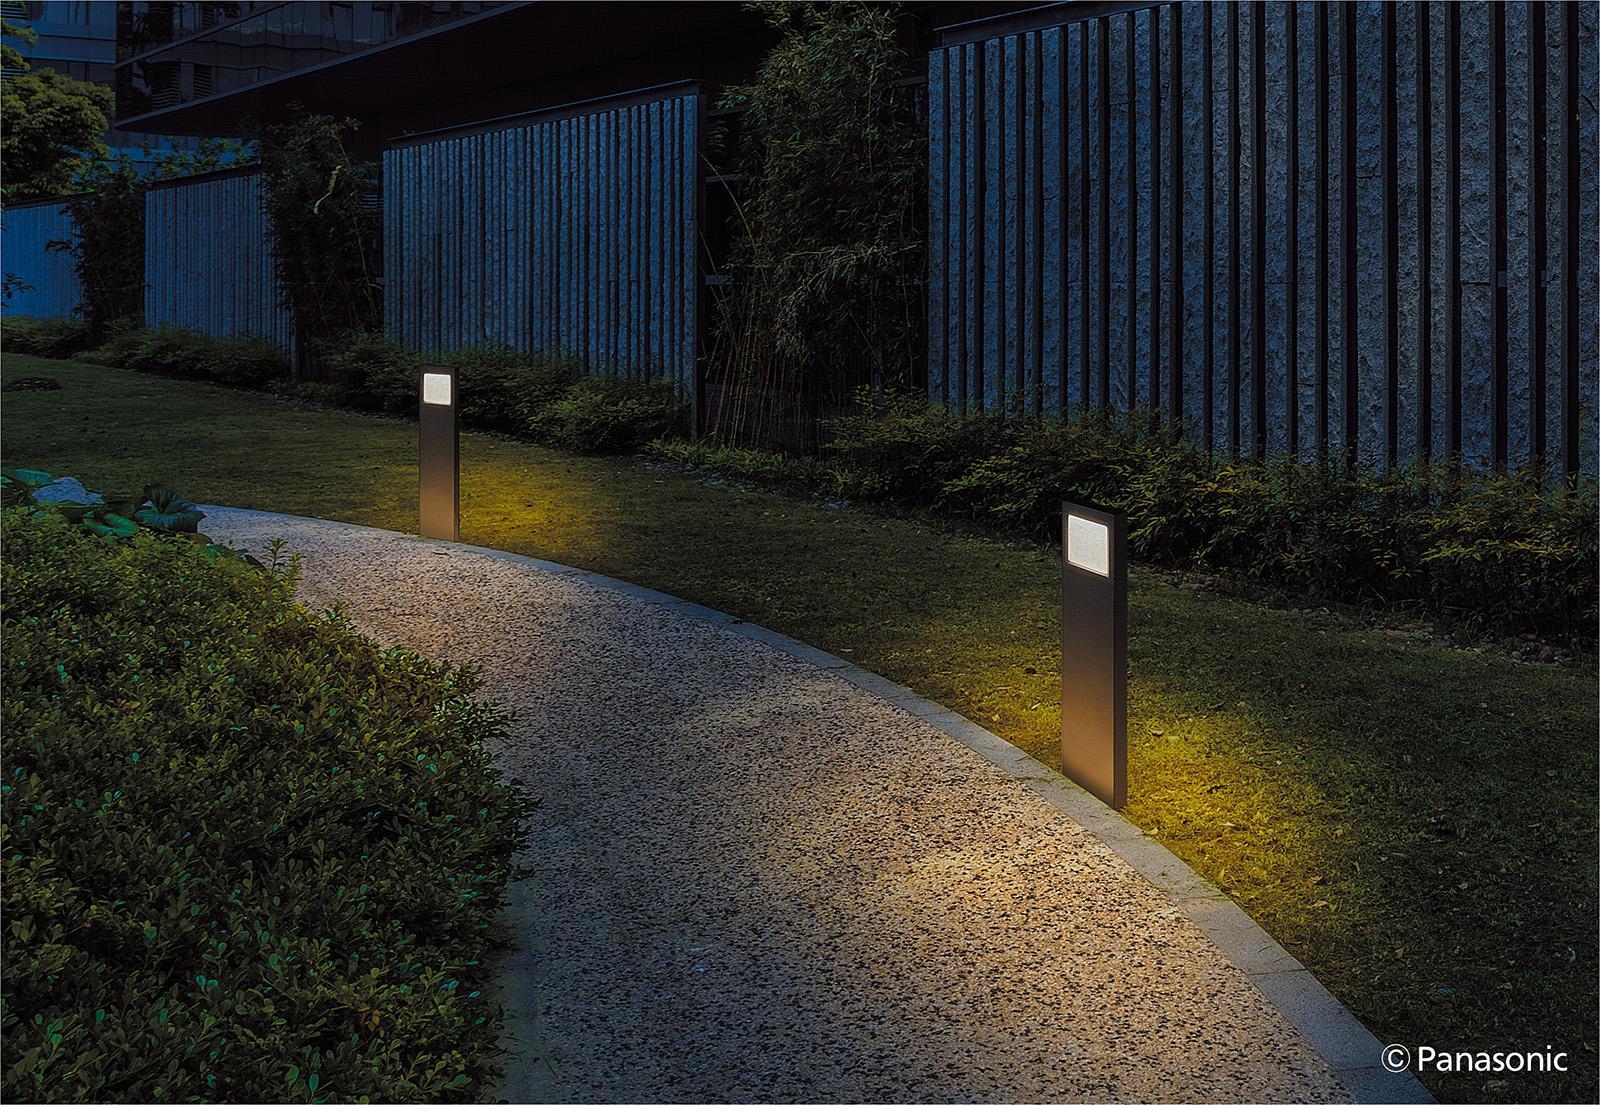 パナソニック、「スマートアーキ」のエクステリア照明を拡充